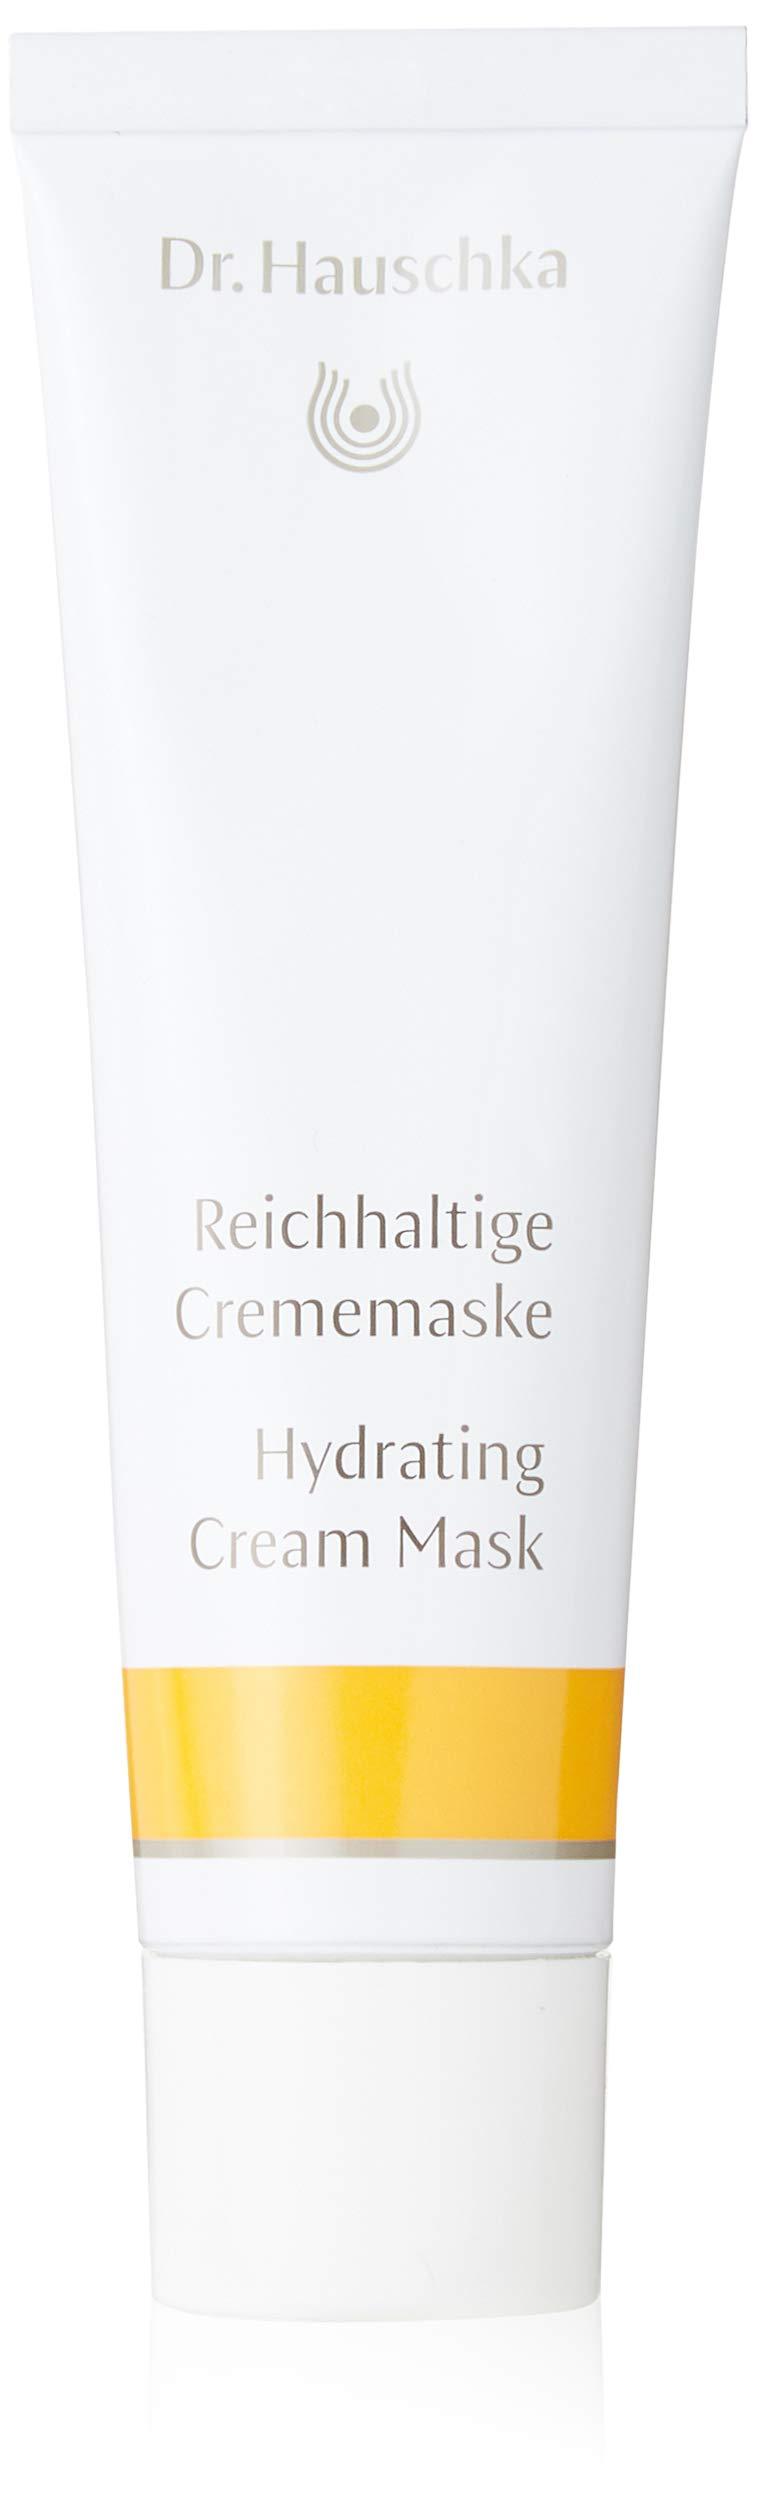 Dr. Hauschka Hydrating Cream Mask 30ml/1oz